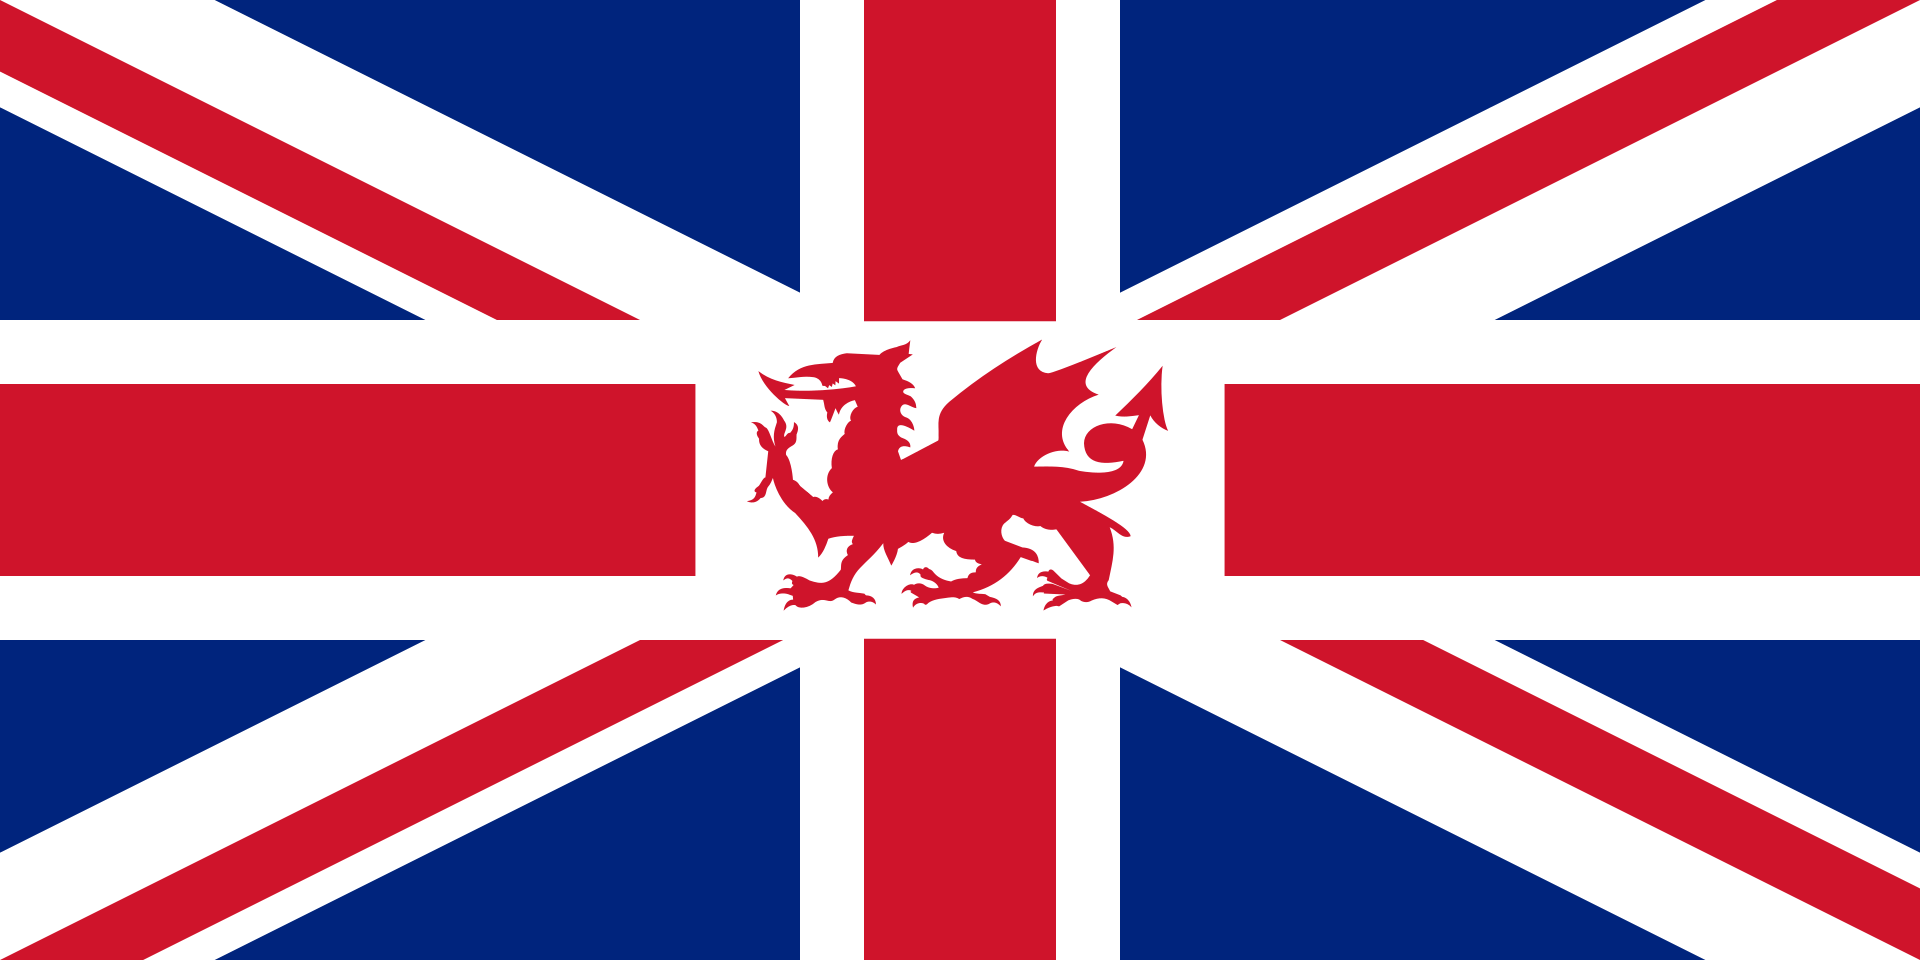 ウェールズの旗が入れられているユニオンジャック